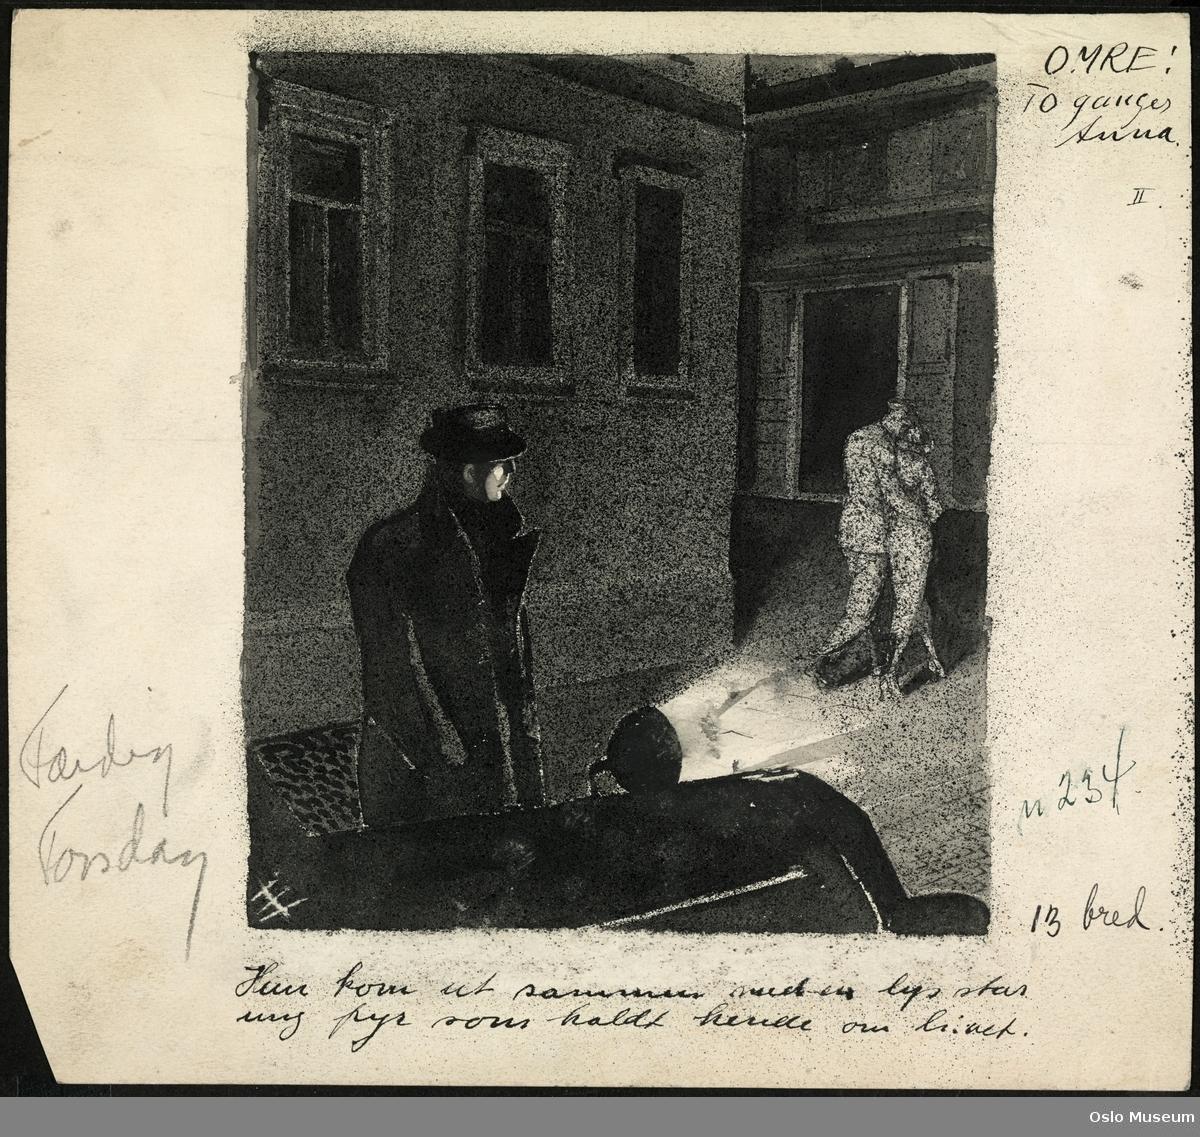 Mann med hatt ved bil betrakter et par som går fra han, natt, lyskjegle, husfasader